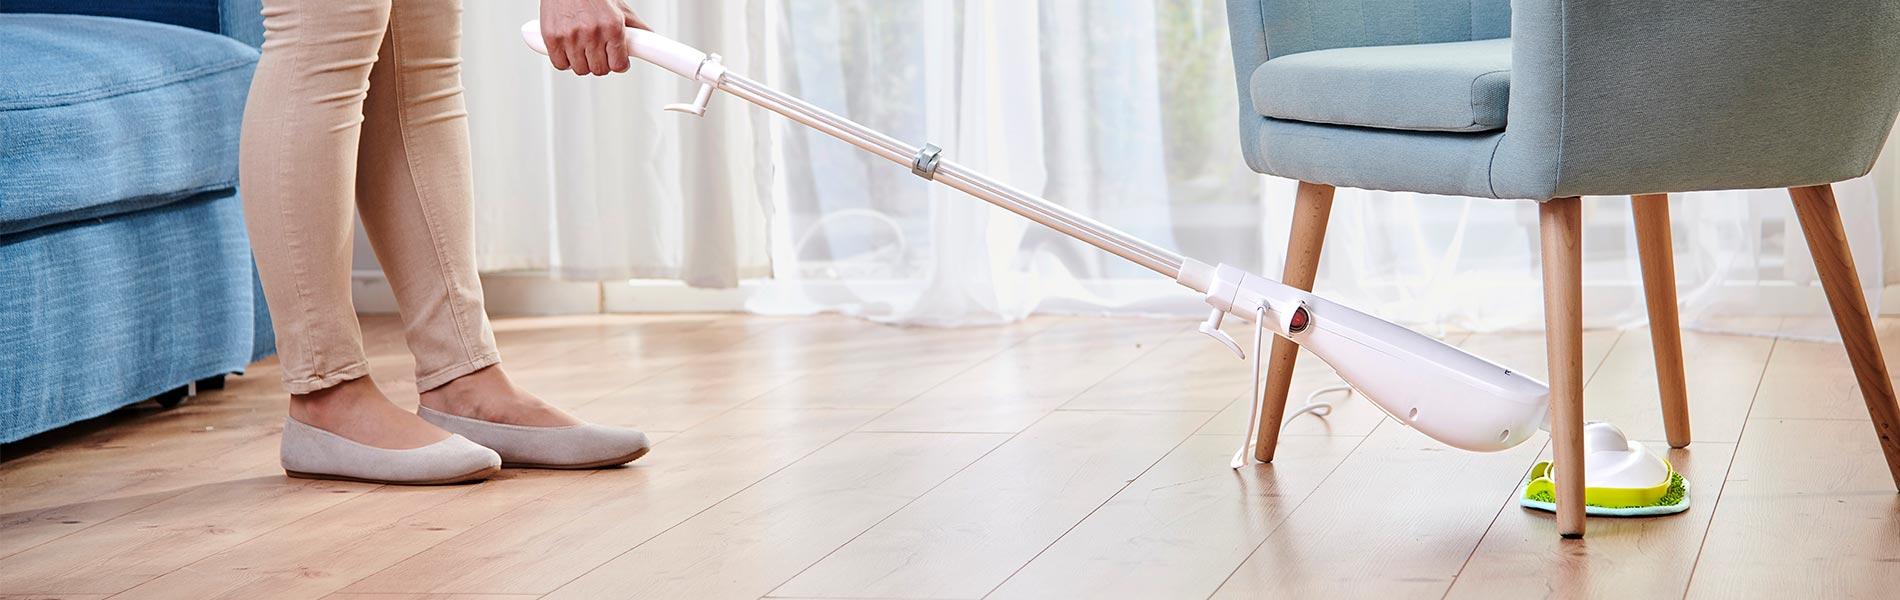 Nano paročistač za podove